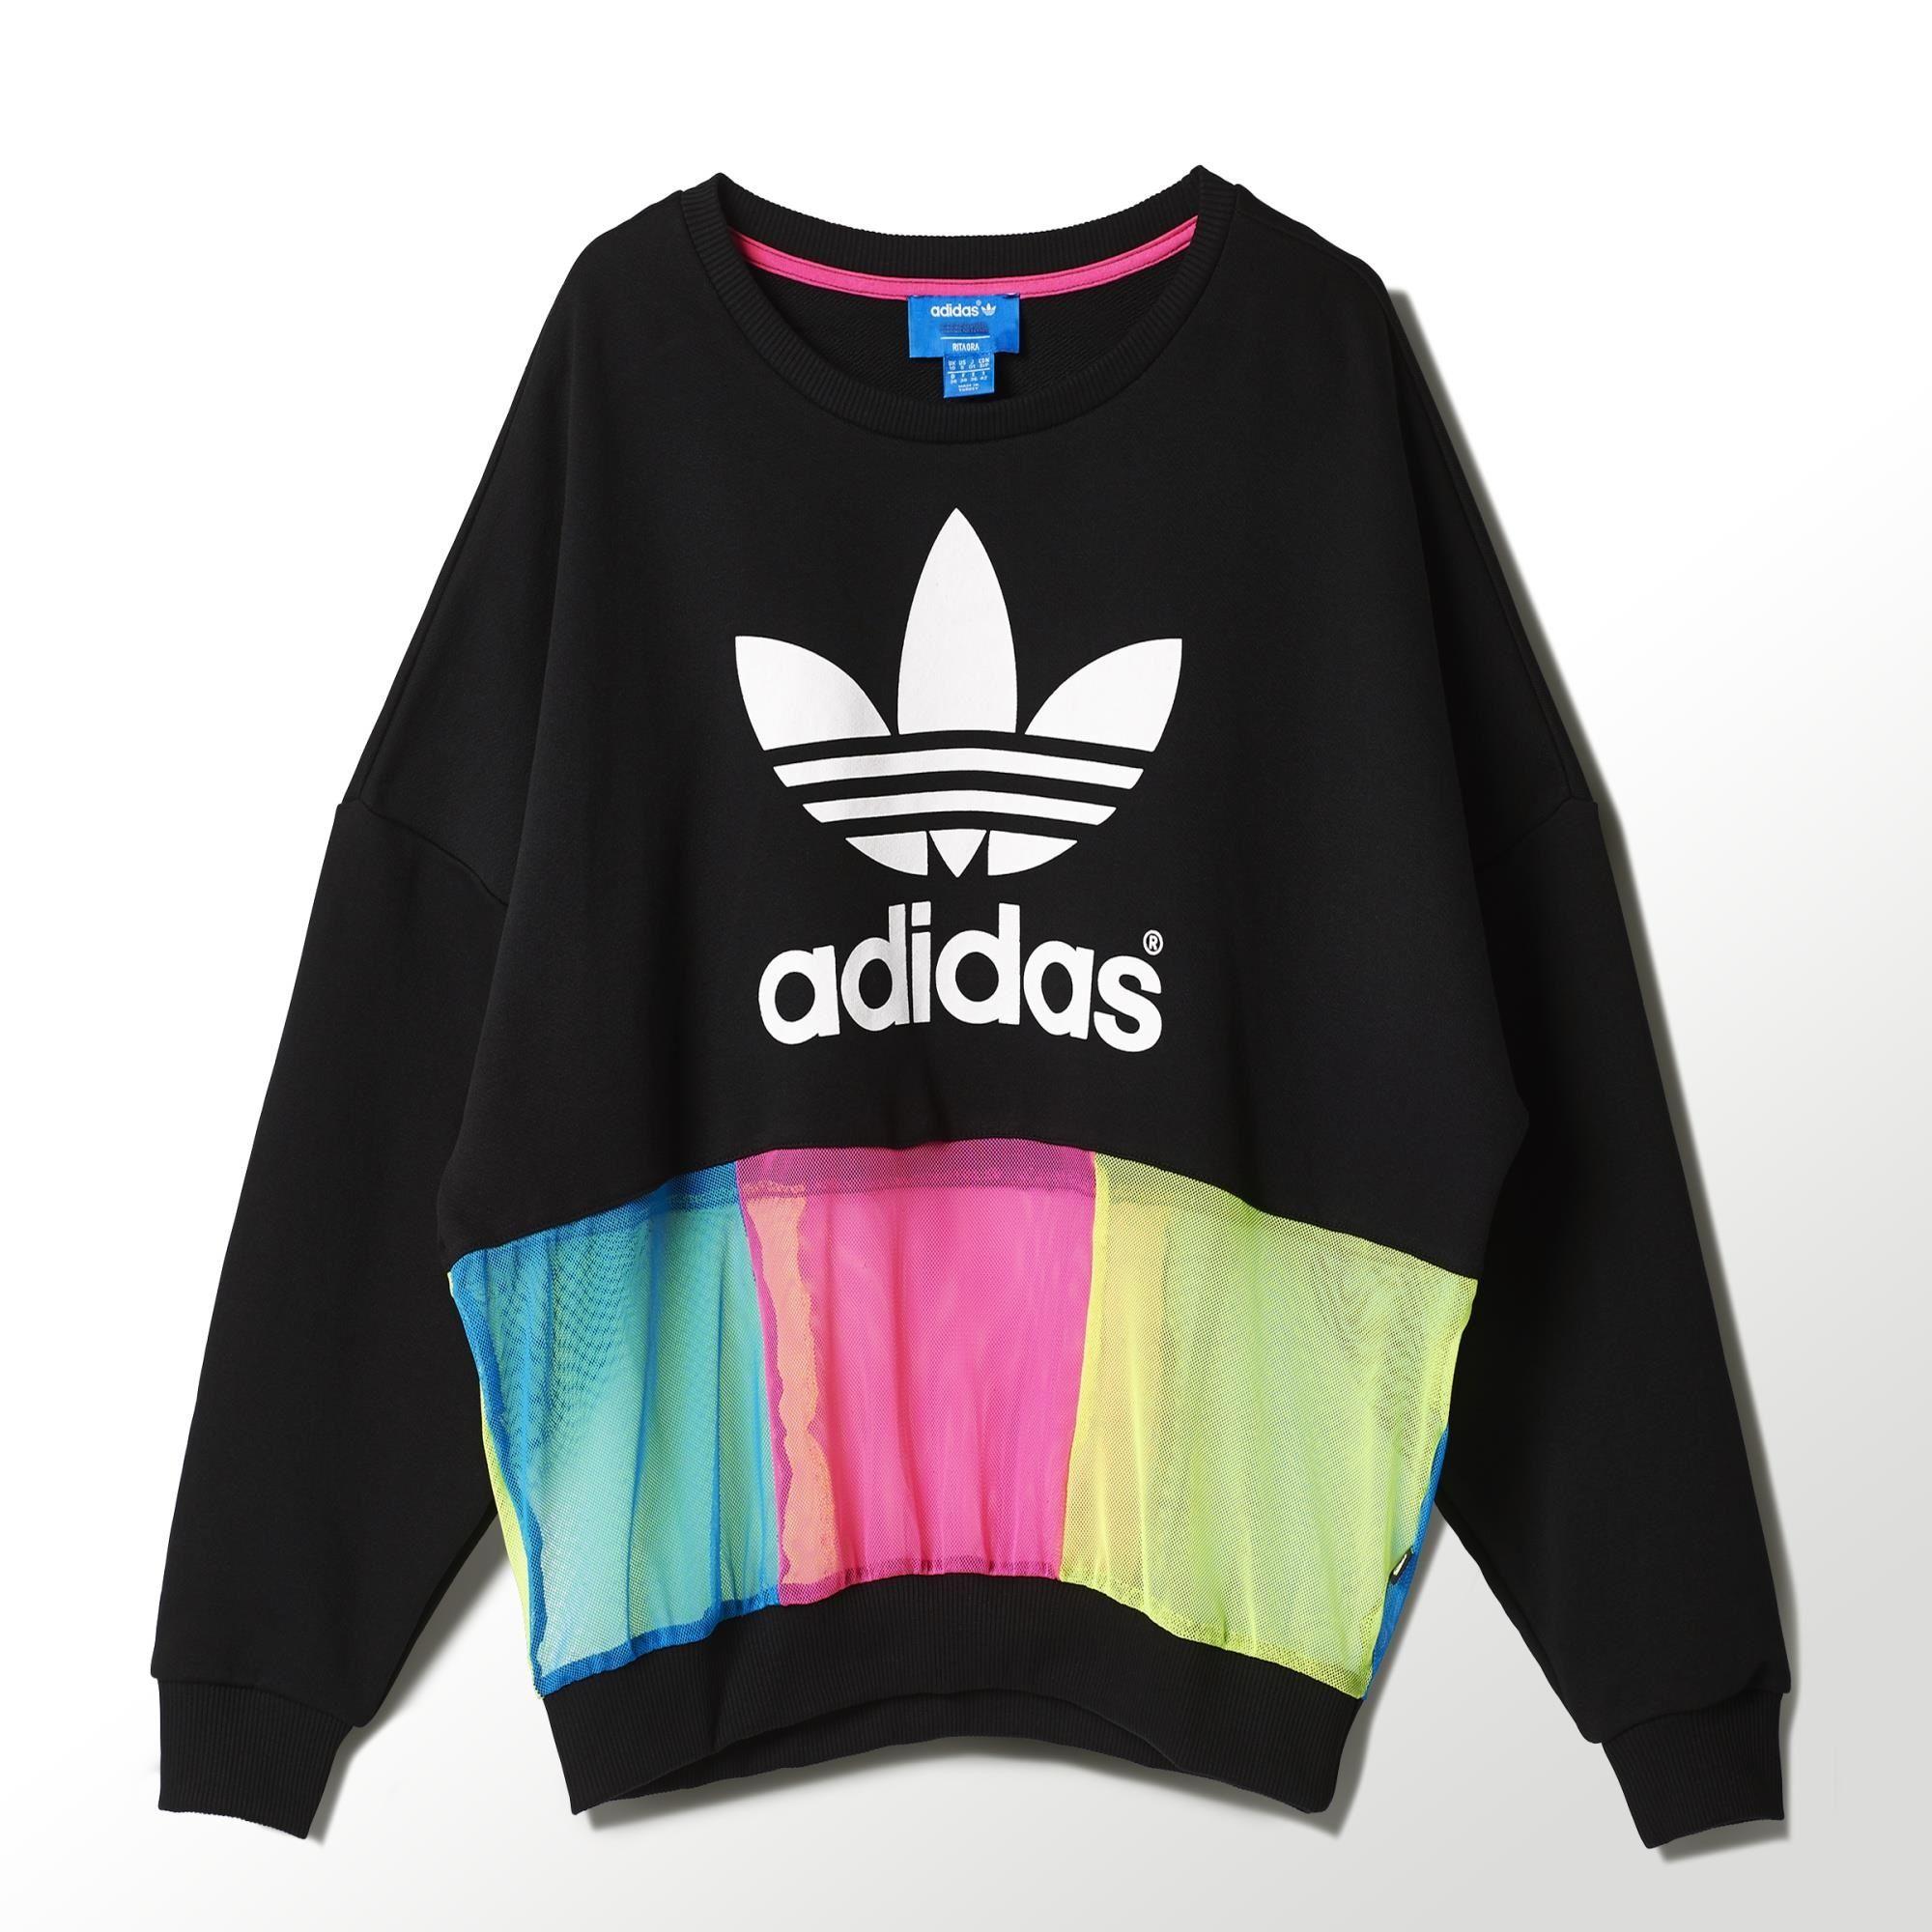 Adidas Logo Maglia Adidas Polonia Cosa Indossare Pinterest